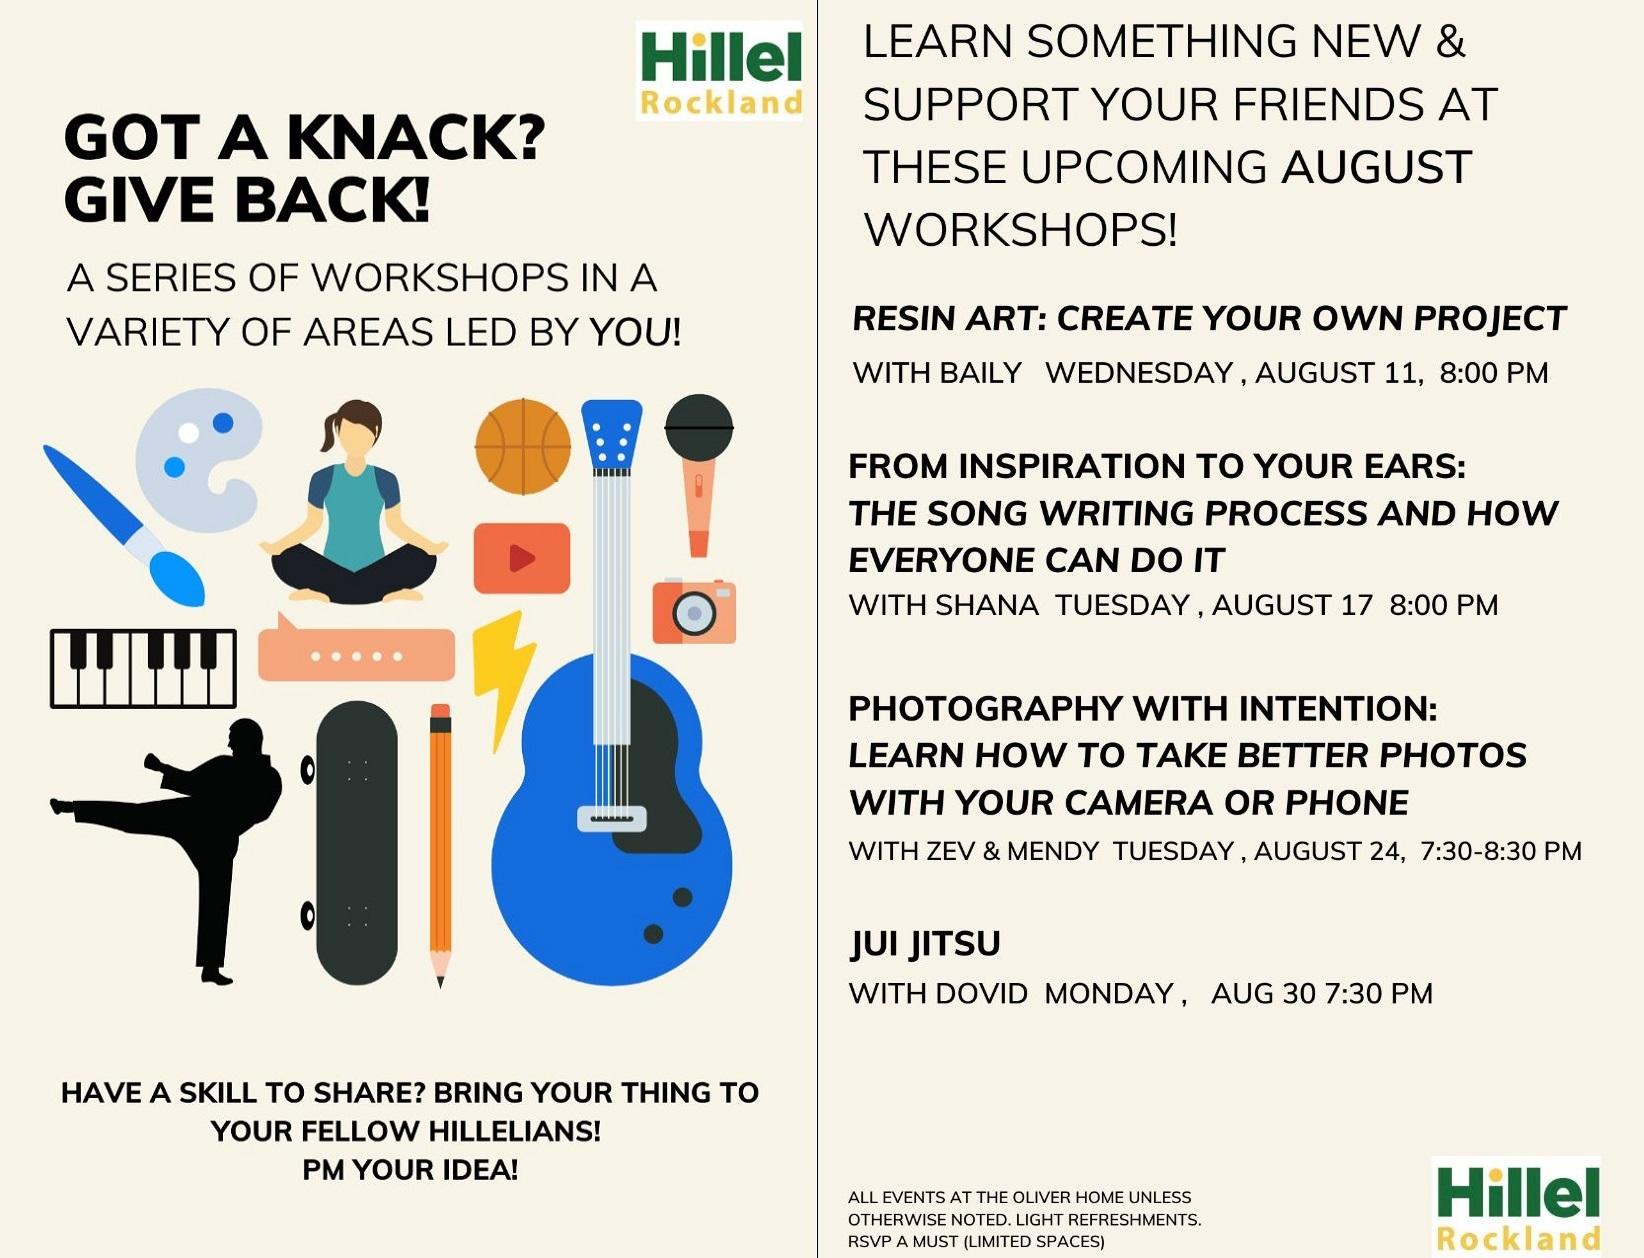 Give Back workshop flyer